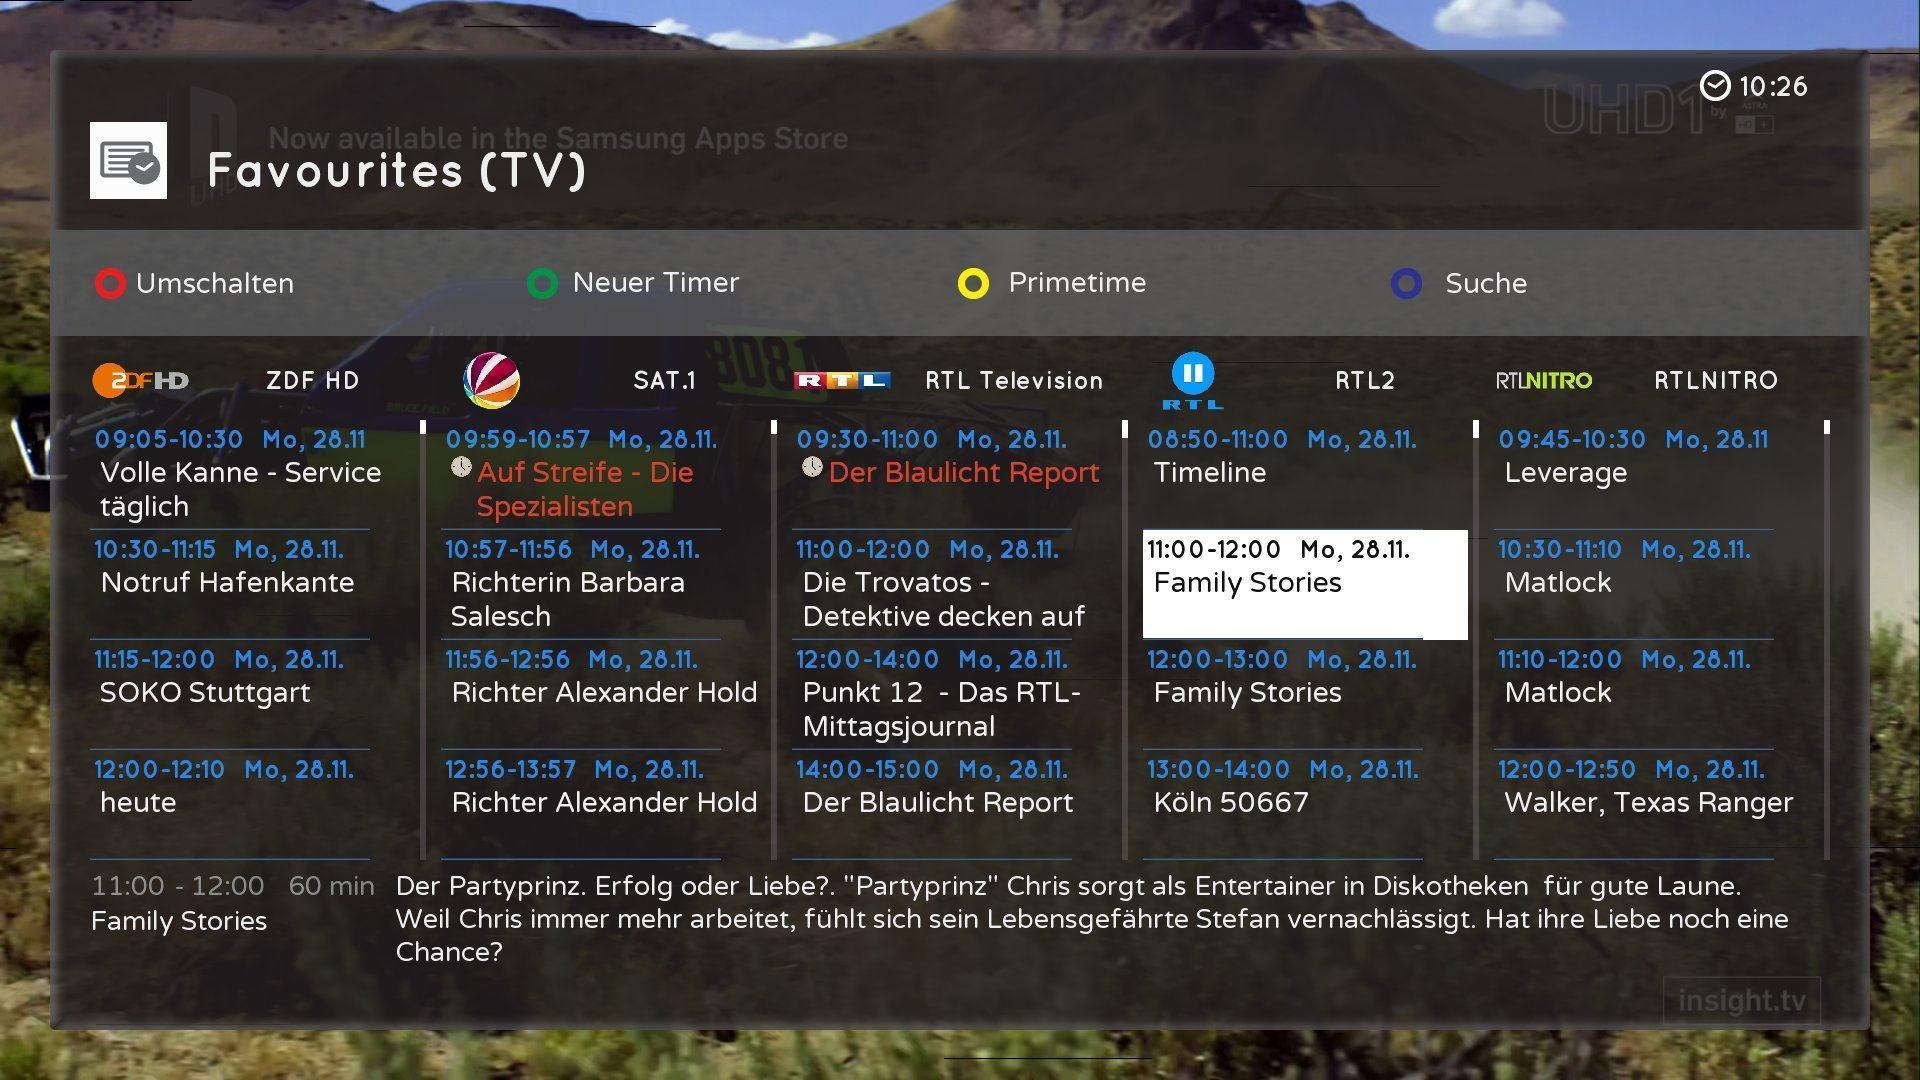 VTi 11.0 Image passend zum Start der VU+ Uno 4K erschienen 22